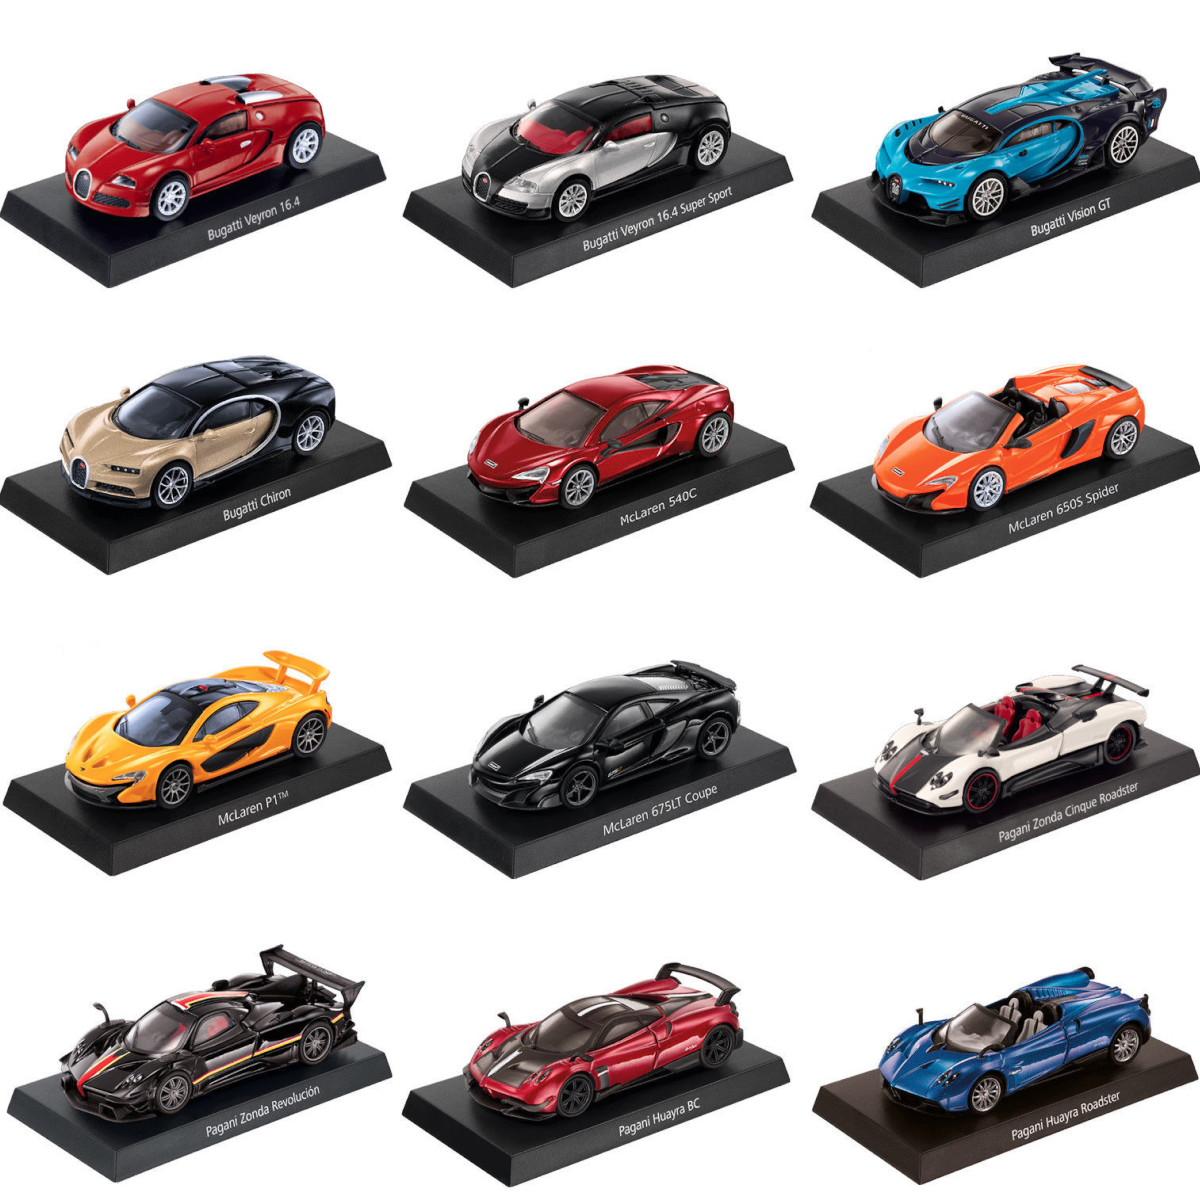 GRANI&PARTNERS 1/64 12台セットブガッティ ヴィジョン / マクラーレン / パガーニ ハイパーカーコレクション 台湾セブンイレブン限定 2018 京商・トミカサイズ Bugatti / McLaren / Pagani